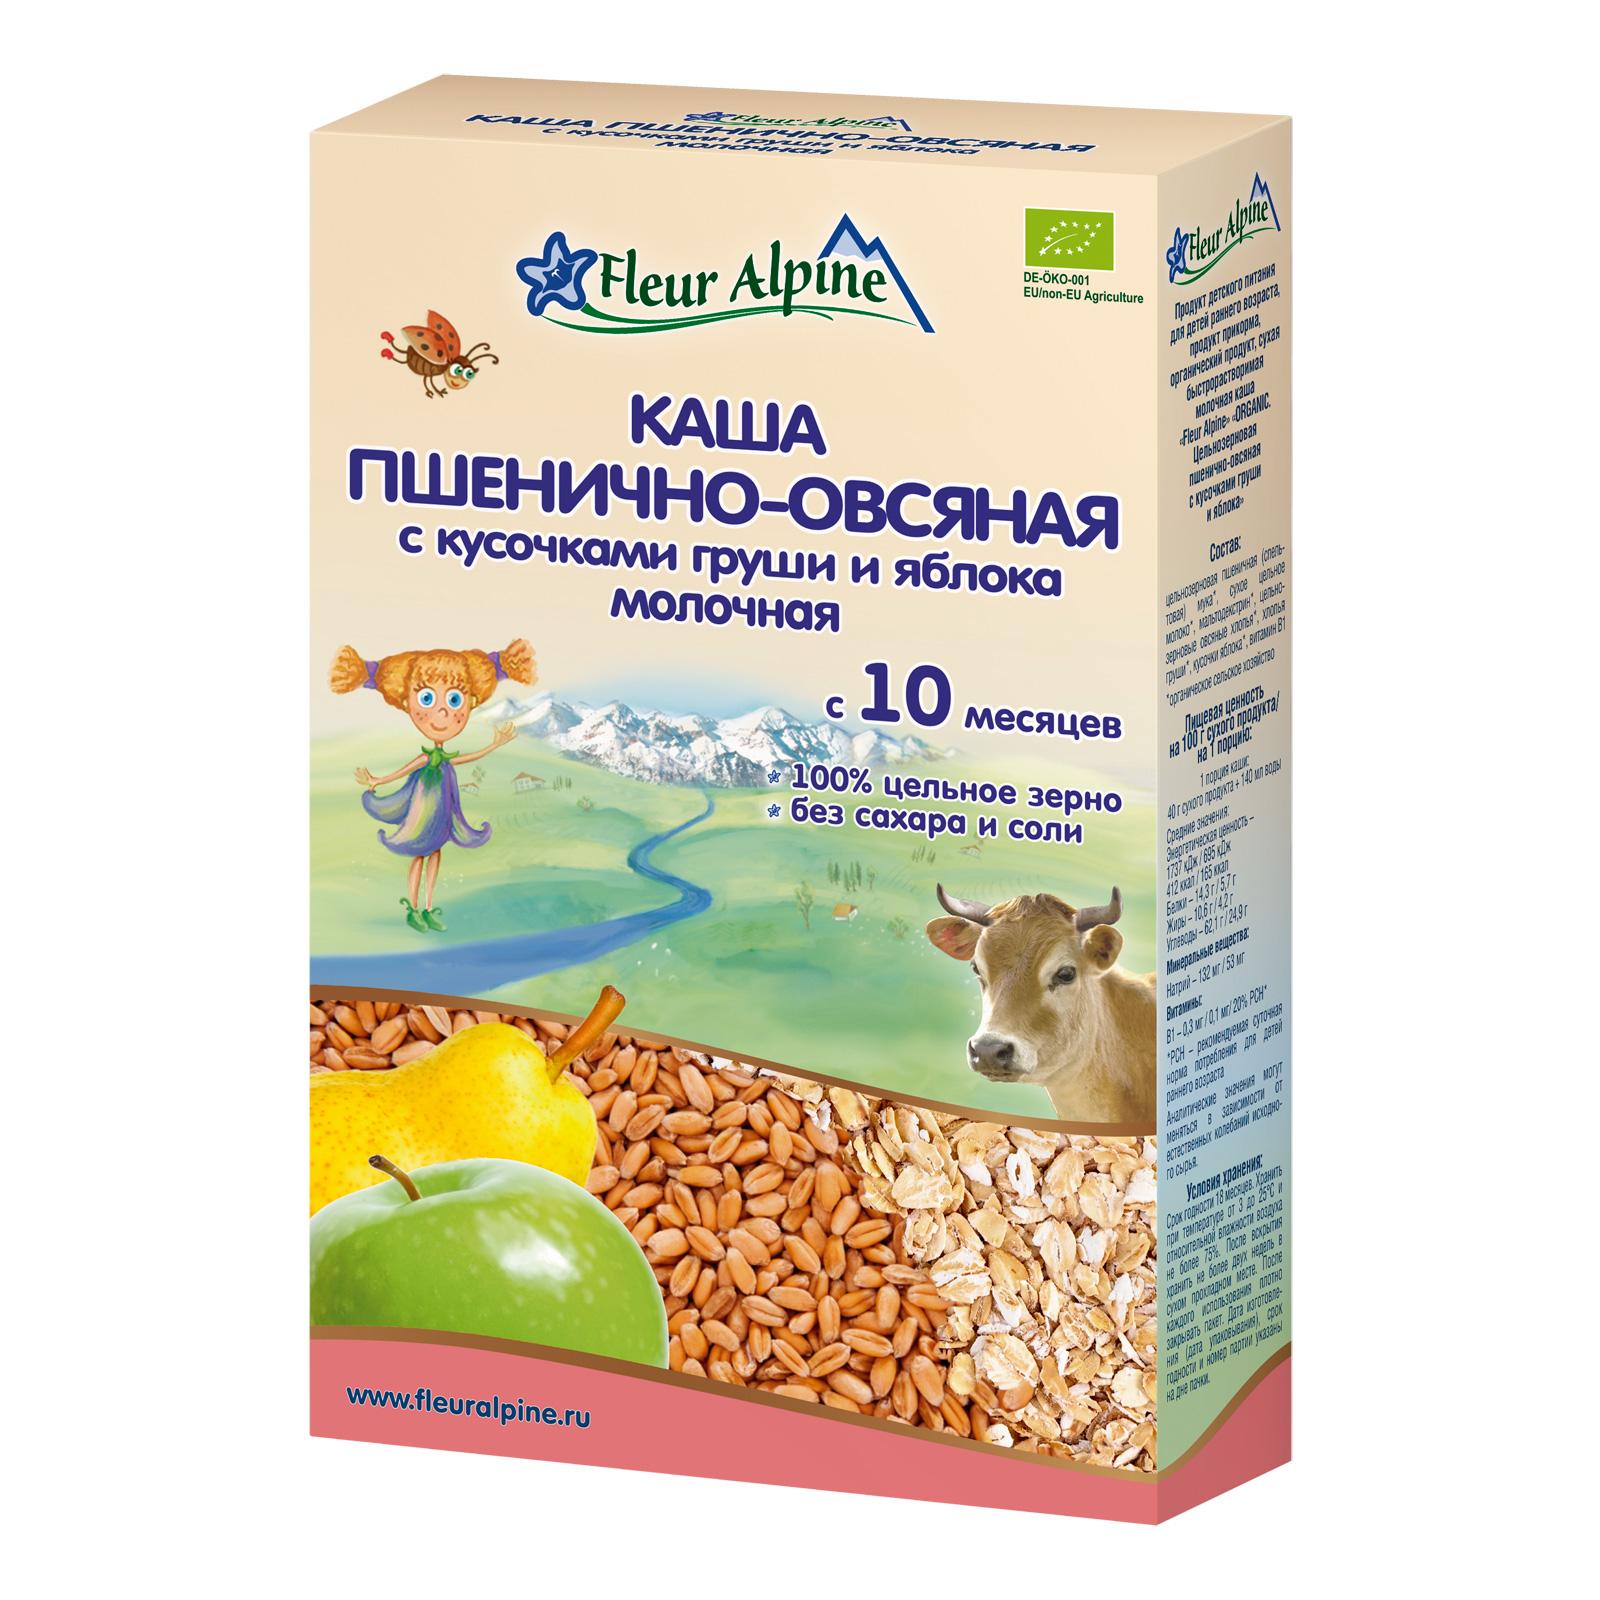 Каша Fleur Alpine Органик 200 гр Пшенично-овсяная с кусочками груши и яблока (с 10 мес) молочная<br>